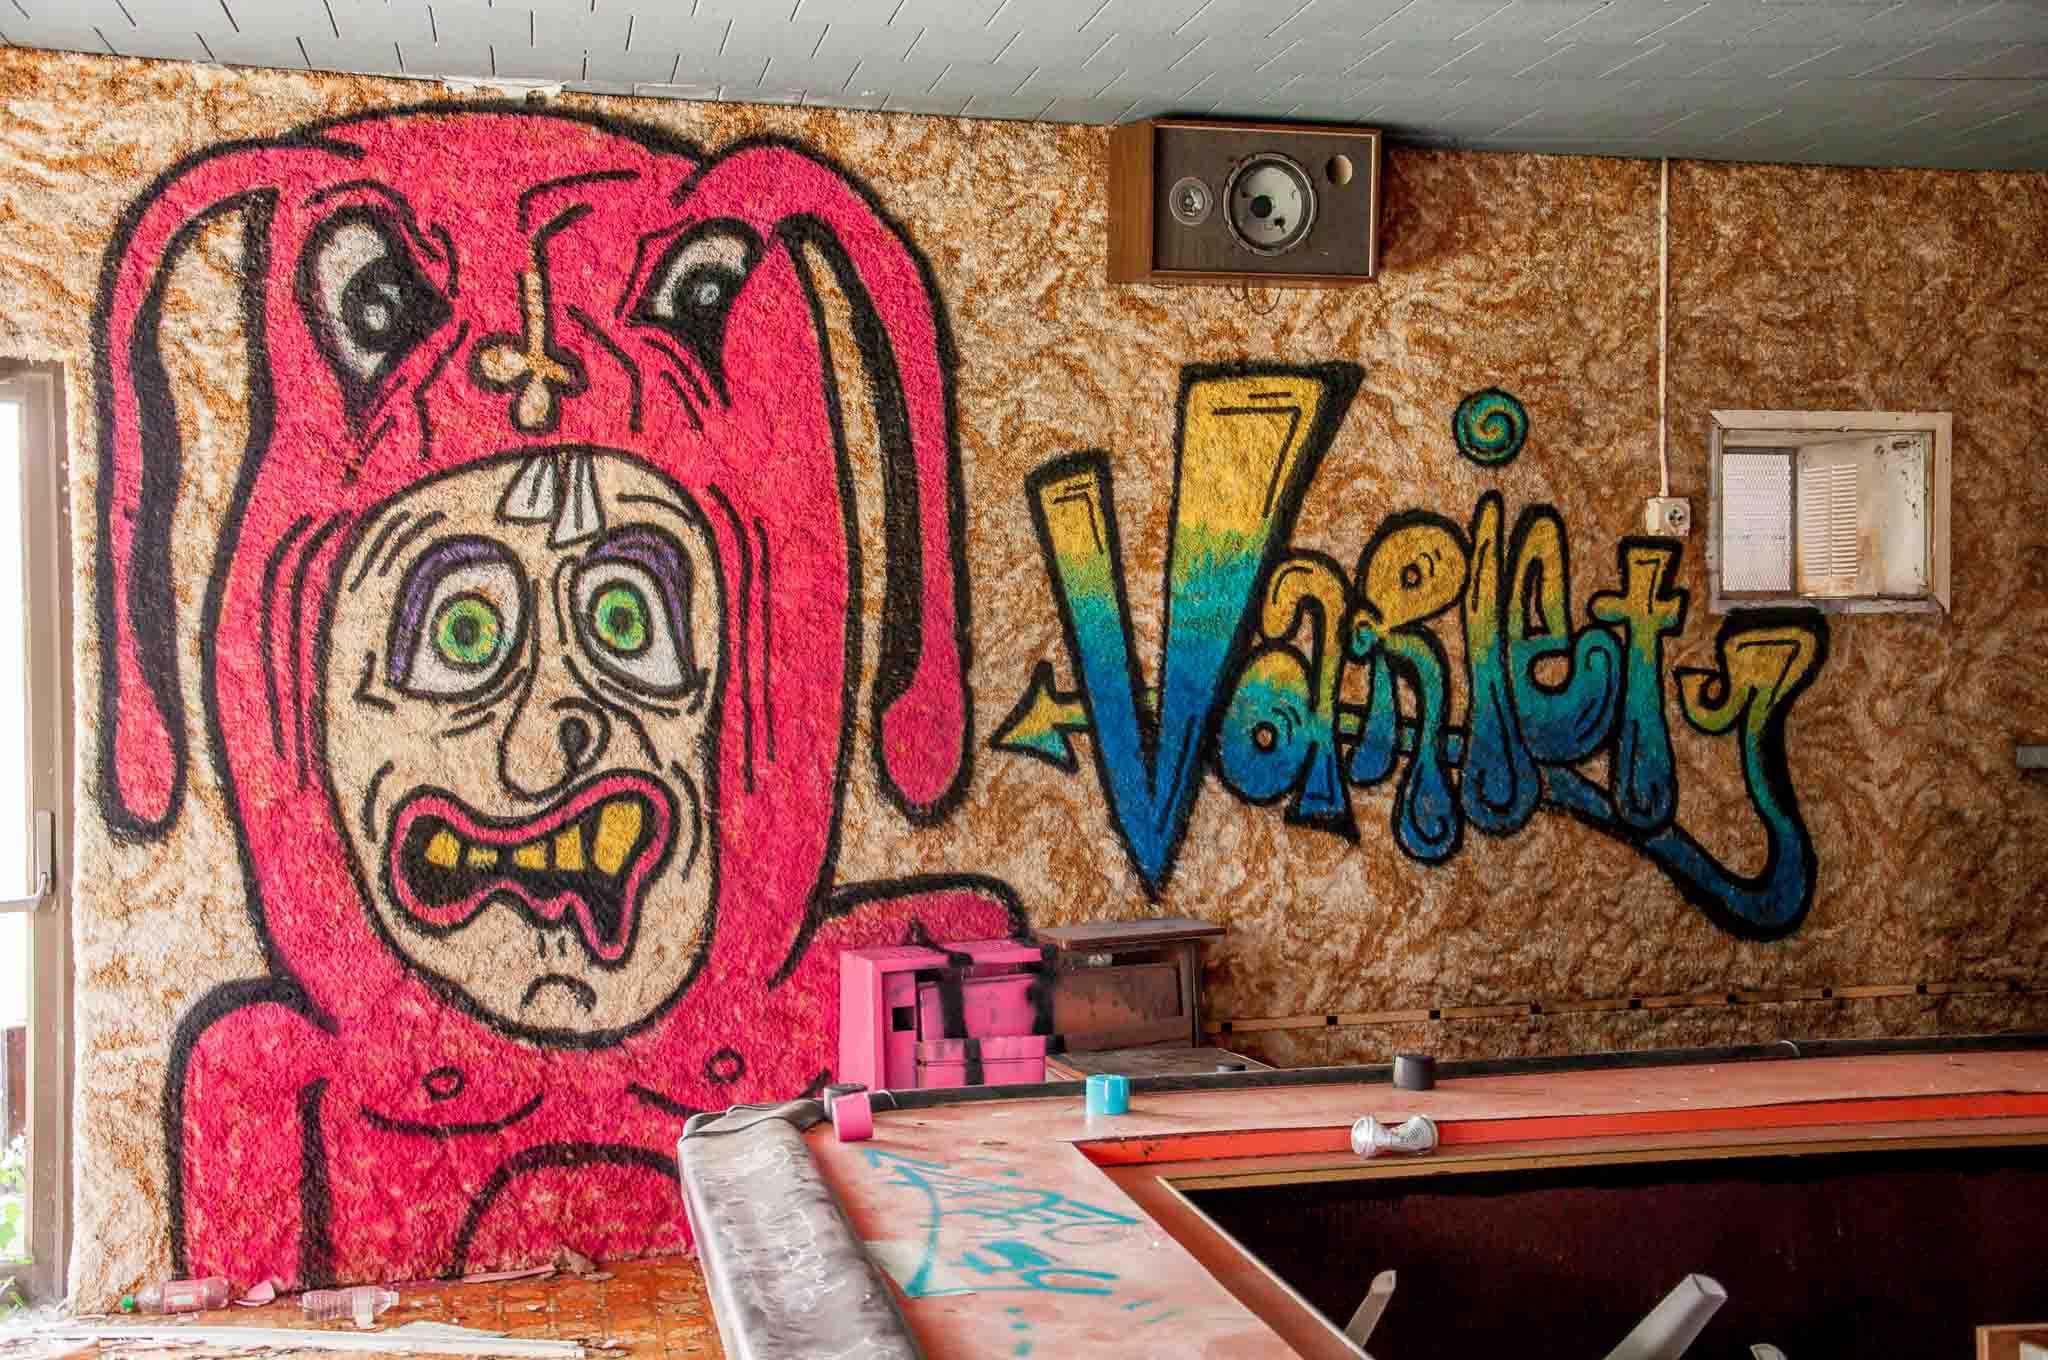 Graffiti at one of the abandoned Poconos resorts